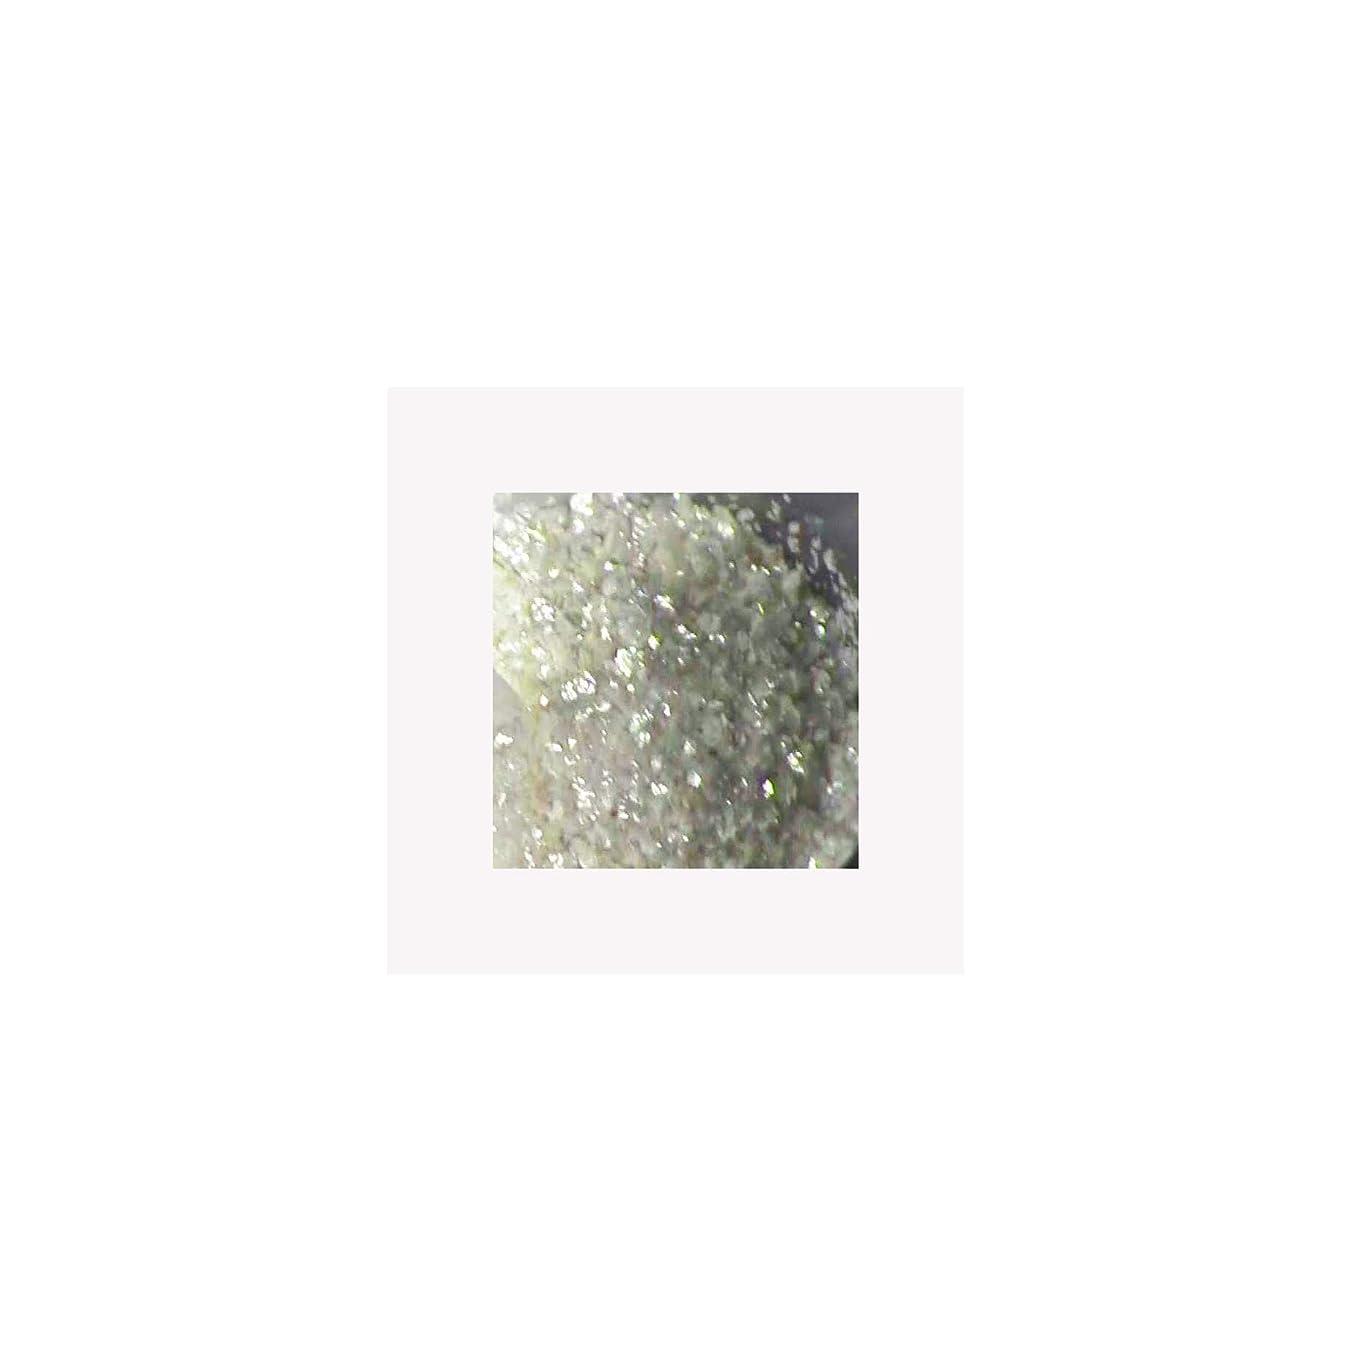 すりパンサー言い訳Bling it - Milky Way Galaxy Diamond (樹脂アート、アクリルアート、エポキシ、樹脂、ドライペイント、カラー、アート) 顔料30ml瓶